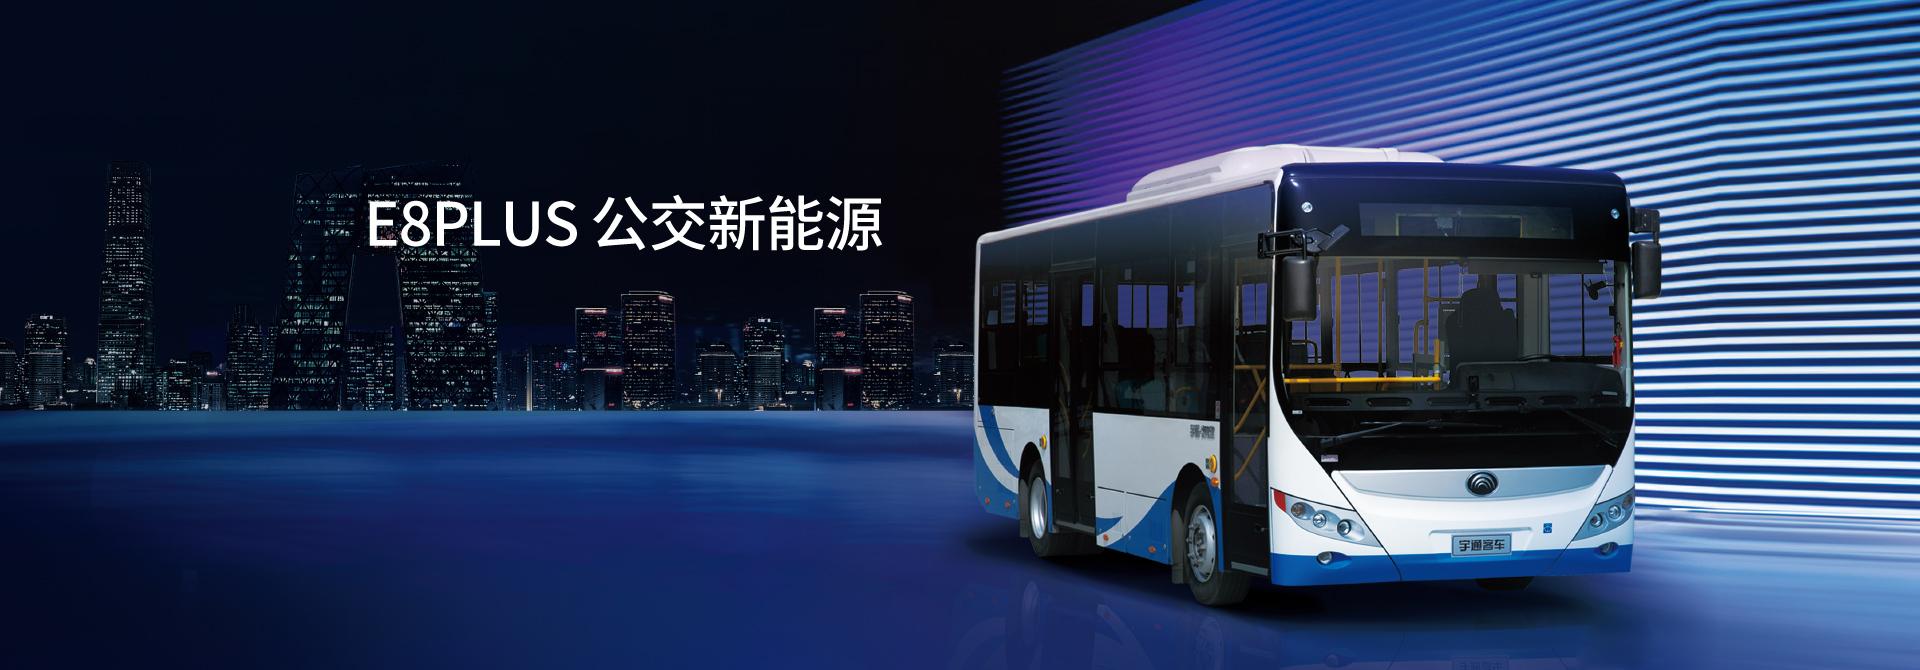 3-E8PLUS-公交新能源